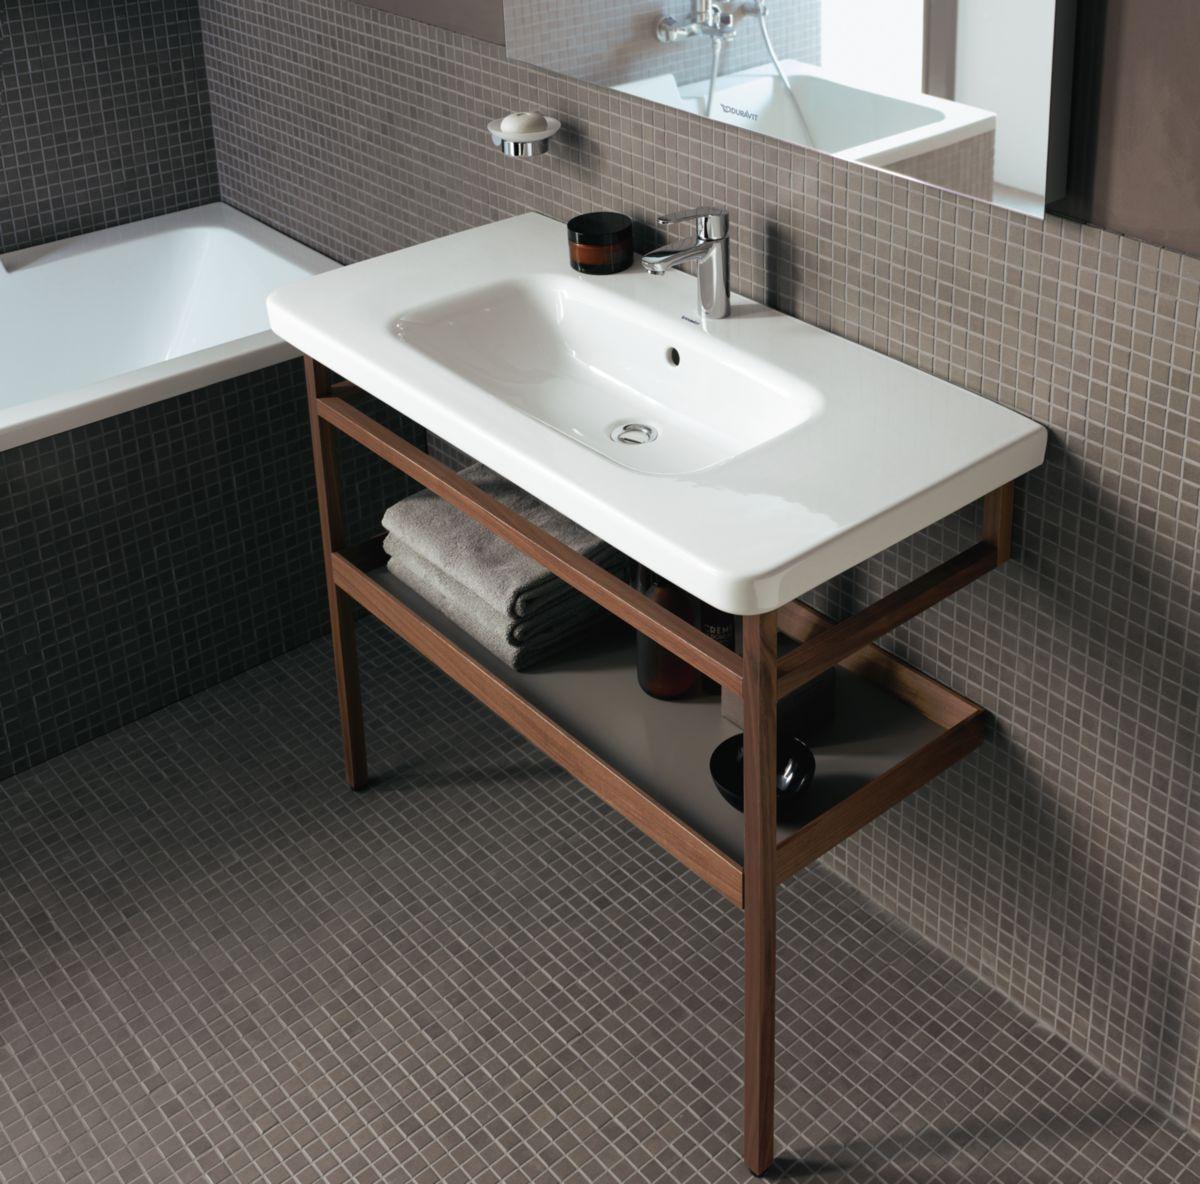 Salle De Bain Pour Homme ~ Lavabo Pour Meuble 100 Cm Durastyle Blanc R F 2320100000 Duravit